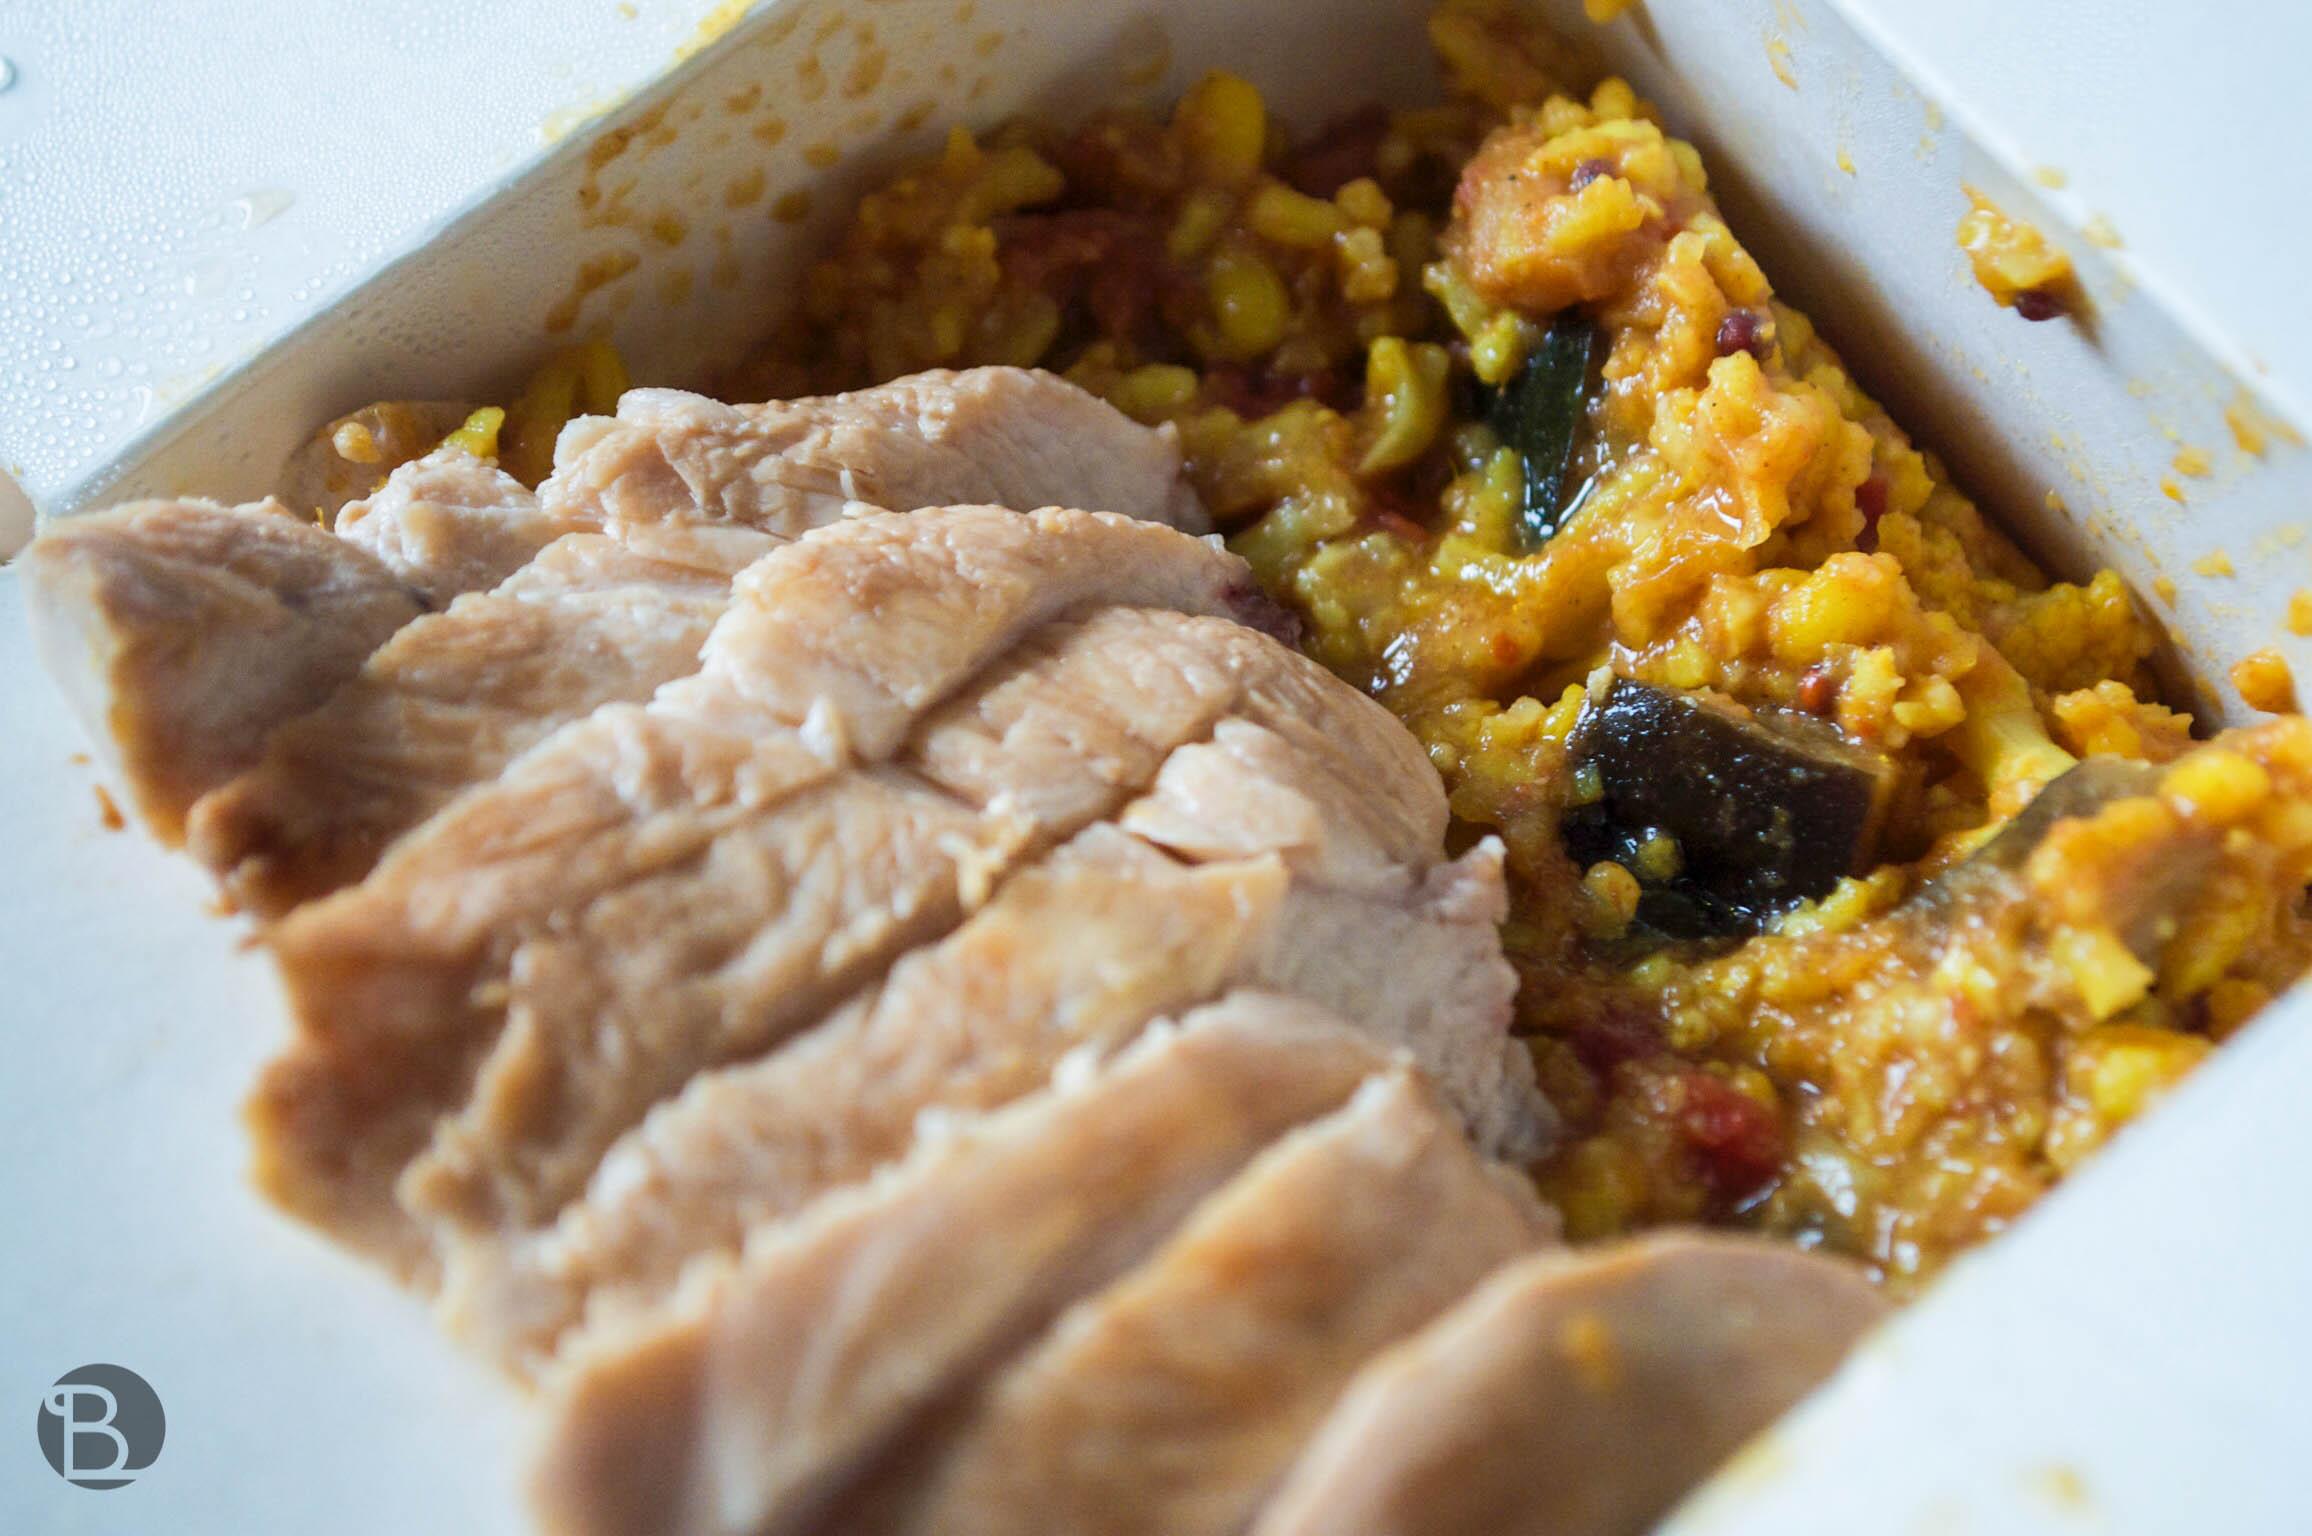 Kuracie Racio menu (s kari ryžou a zeleninou) z MoshiMoshi